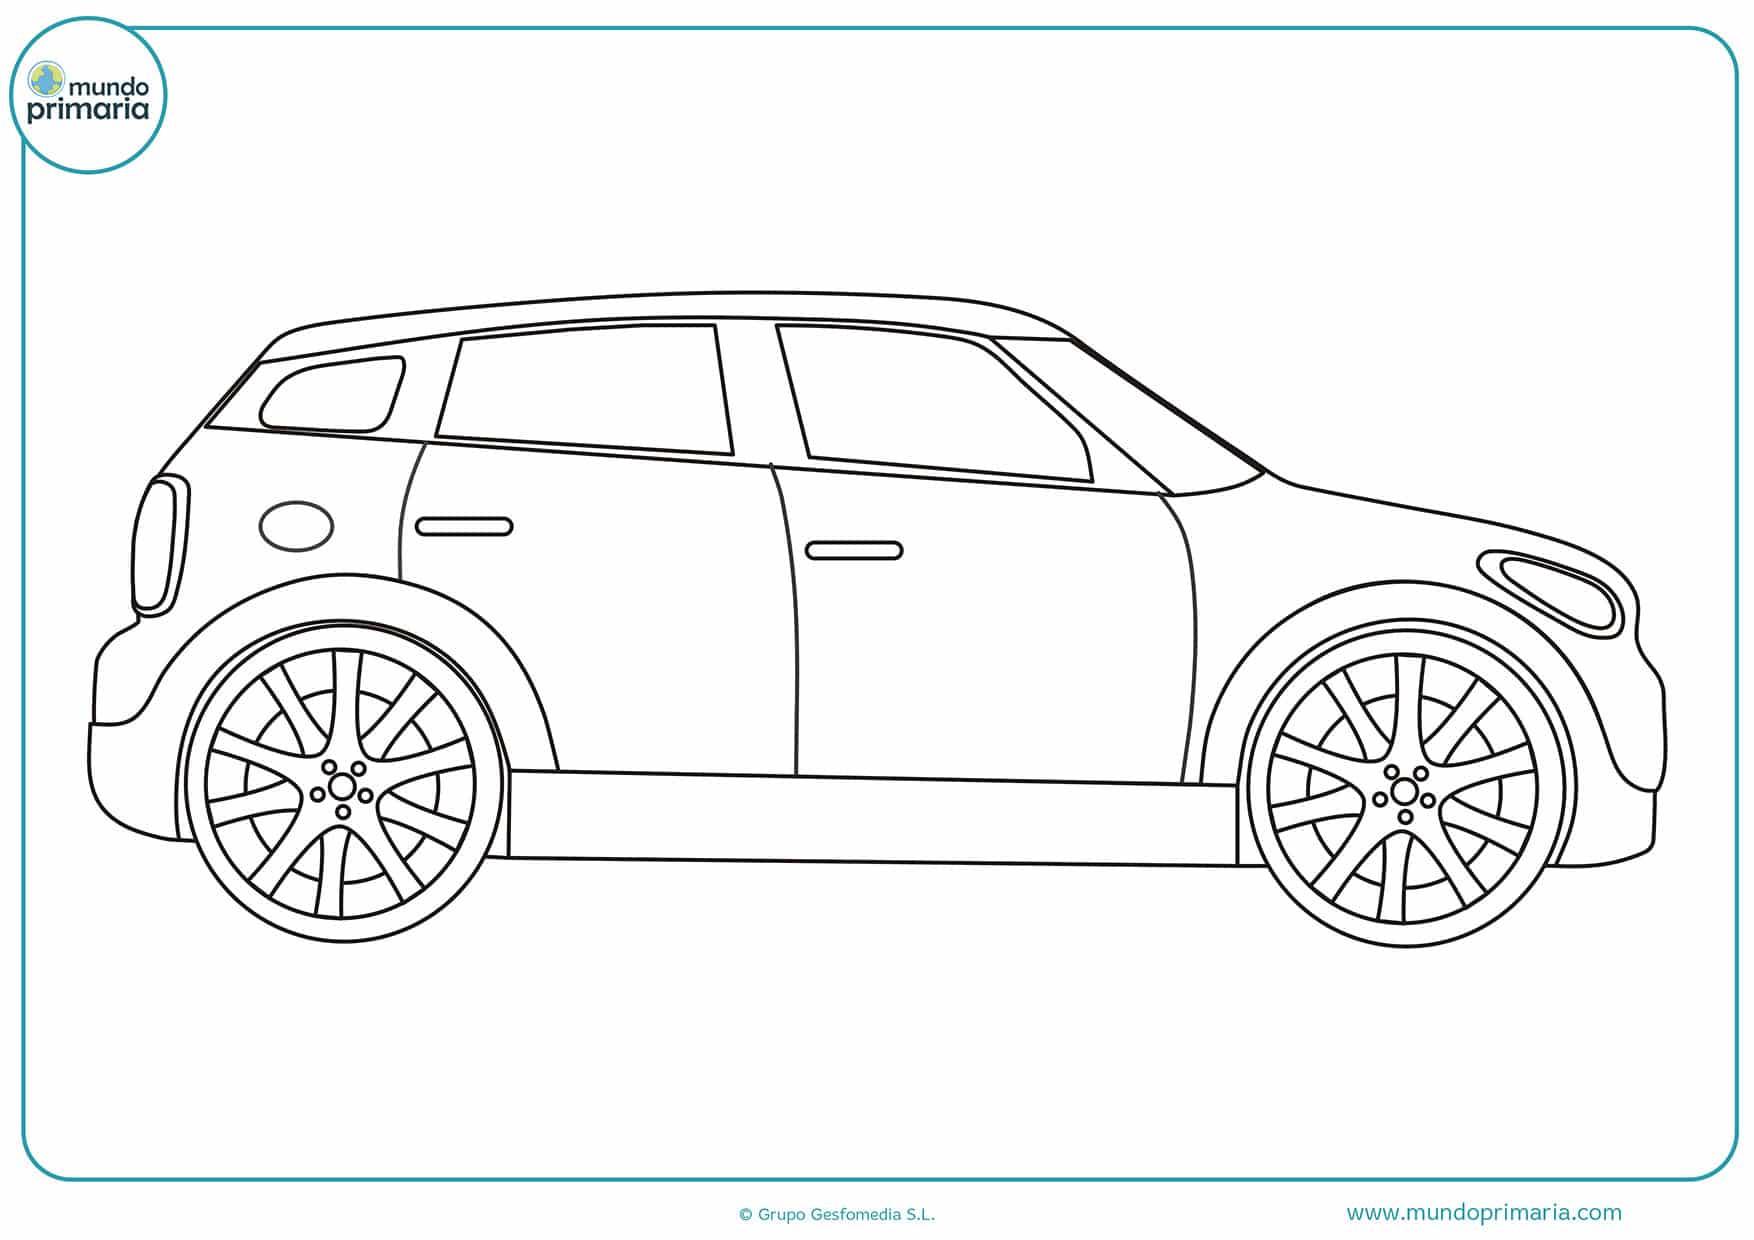 Dibujo De Autos Tuning Para Colorear En Tu Tiempo Libre Dibujos 5